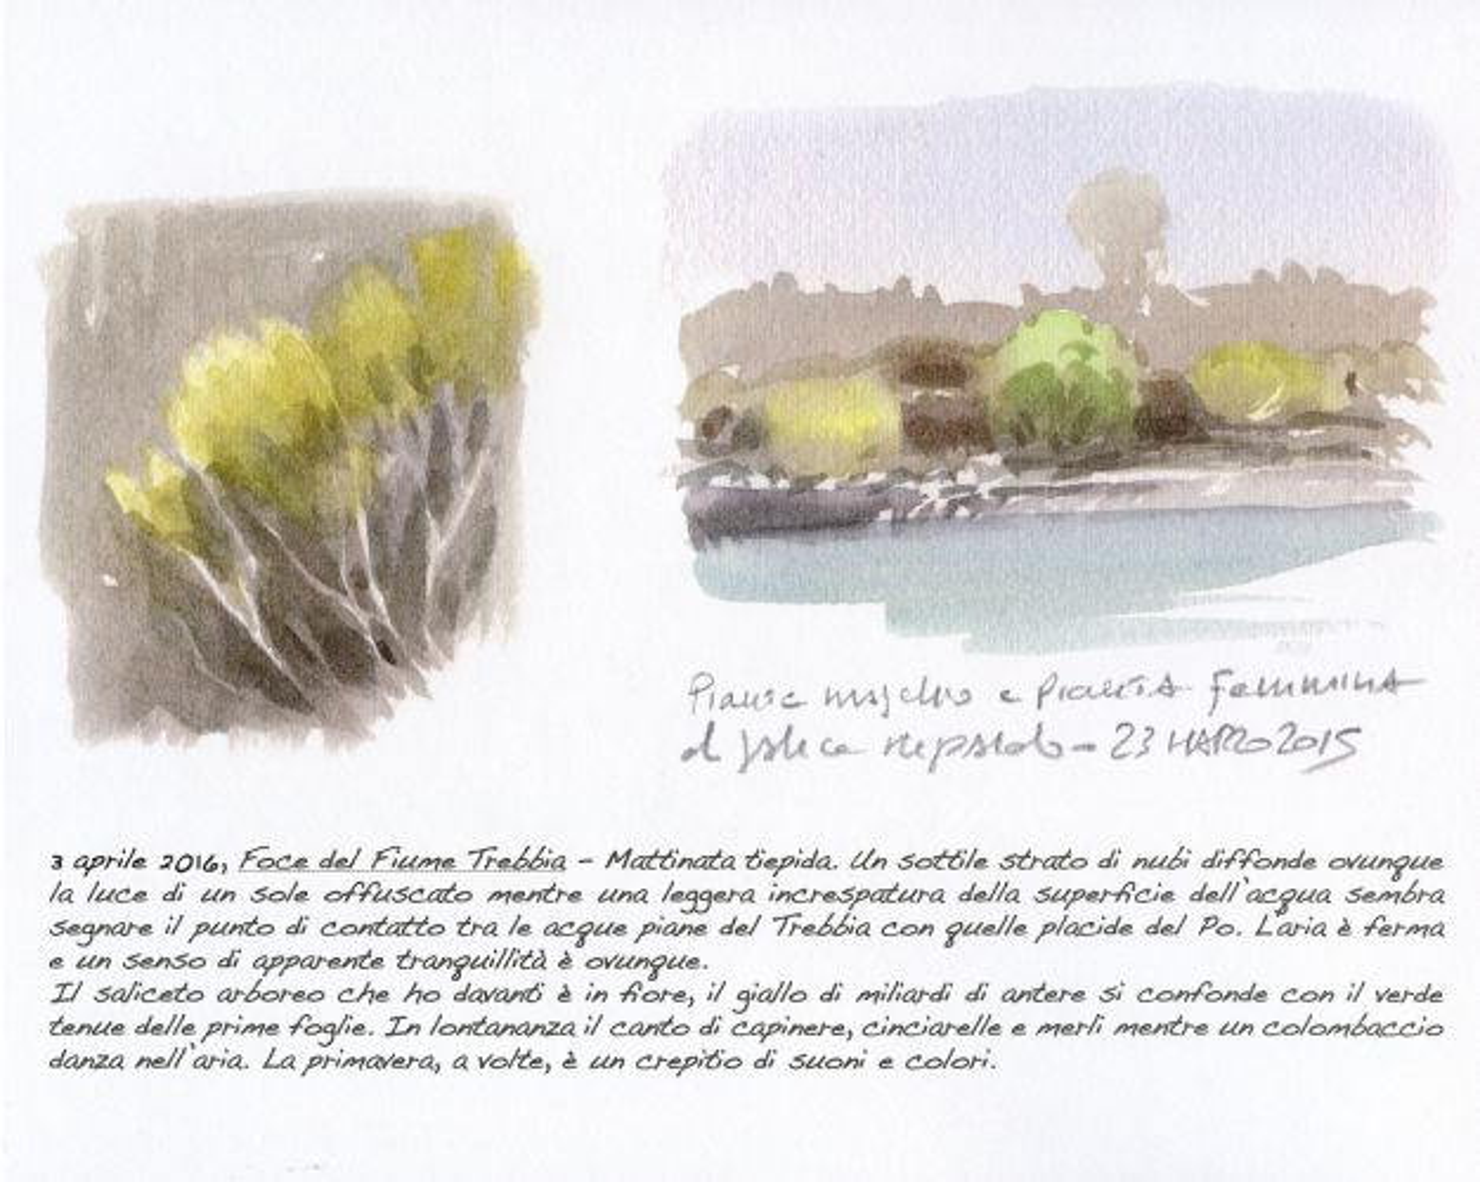 Saliceto arboreo lungo il fiume